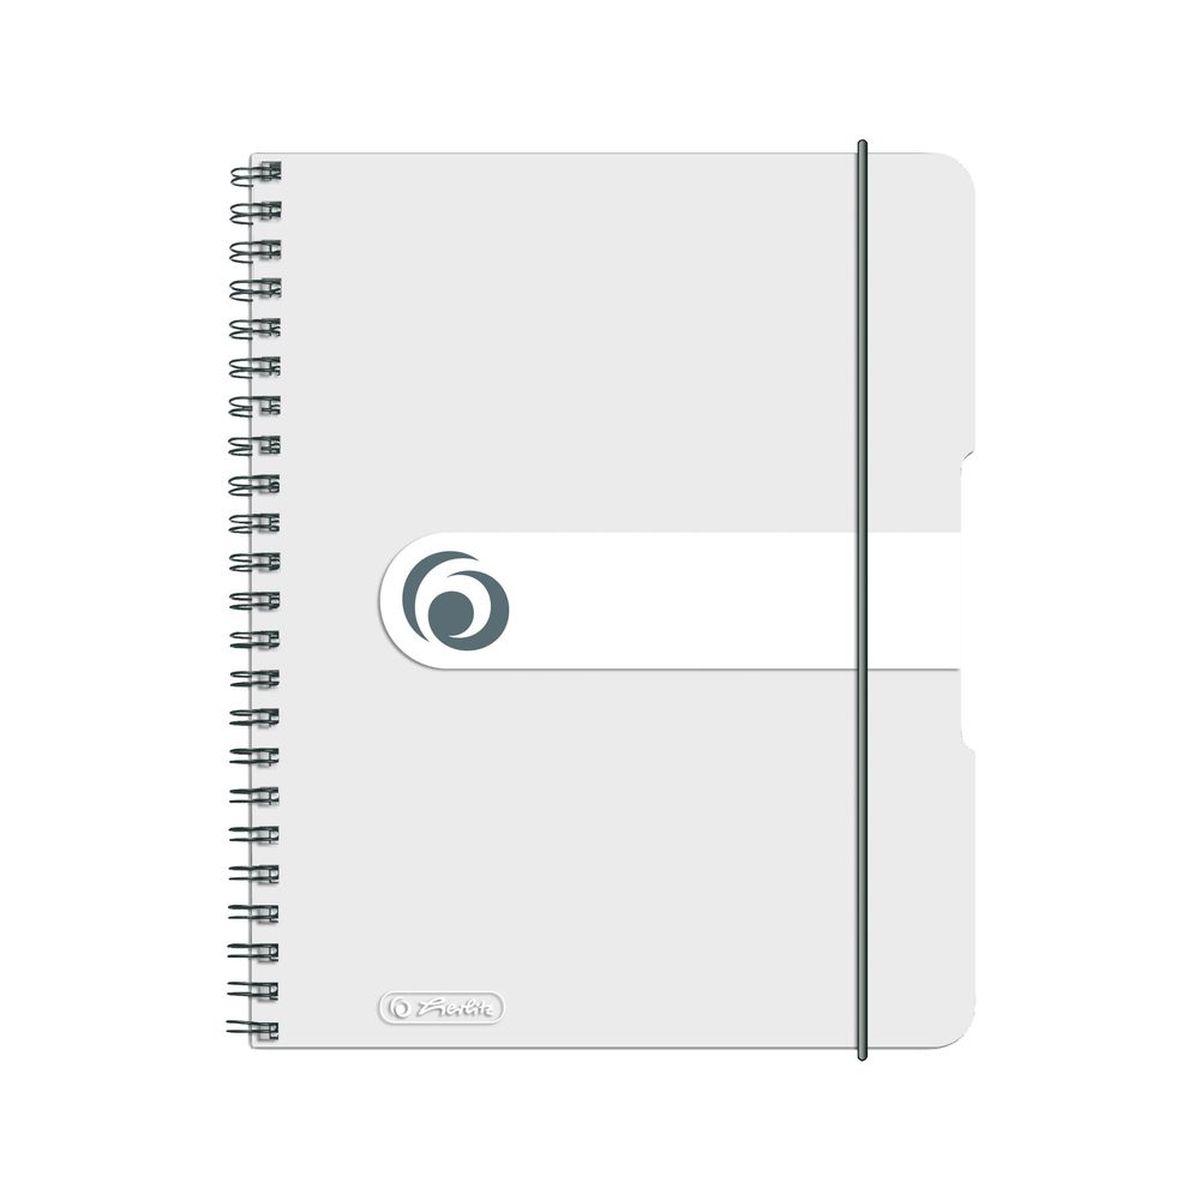 Herlitz Блокнот Easy Orga To Go 80 листов в клетку формат А5 цвет прозрачный44166Удобный блокнот от Herlitz Easy Orga To Go - незаменимый атрибут современного человека, необходимый для рабочих или школьных записей.Блокнот содержит 80 листов формата А5 в клетку без полей. Обложка выполнена из качественного полипропилена. Внутренний спиральный блок изготовлен из металла и гарантирует надежное крепление листов. Блокнот имеет закругленные углы и нежный дизайн бордового цвета.Блокнот для записей от Herlitz Easy Orga To Go станет достойным аксессуаром среди ваших канцелярских принадлежностей. Это отличный подарок как коллеге или деловому партнеру, так и близким людям.